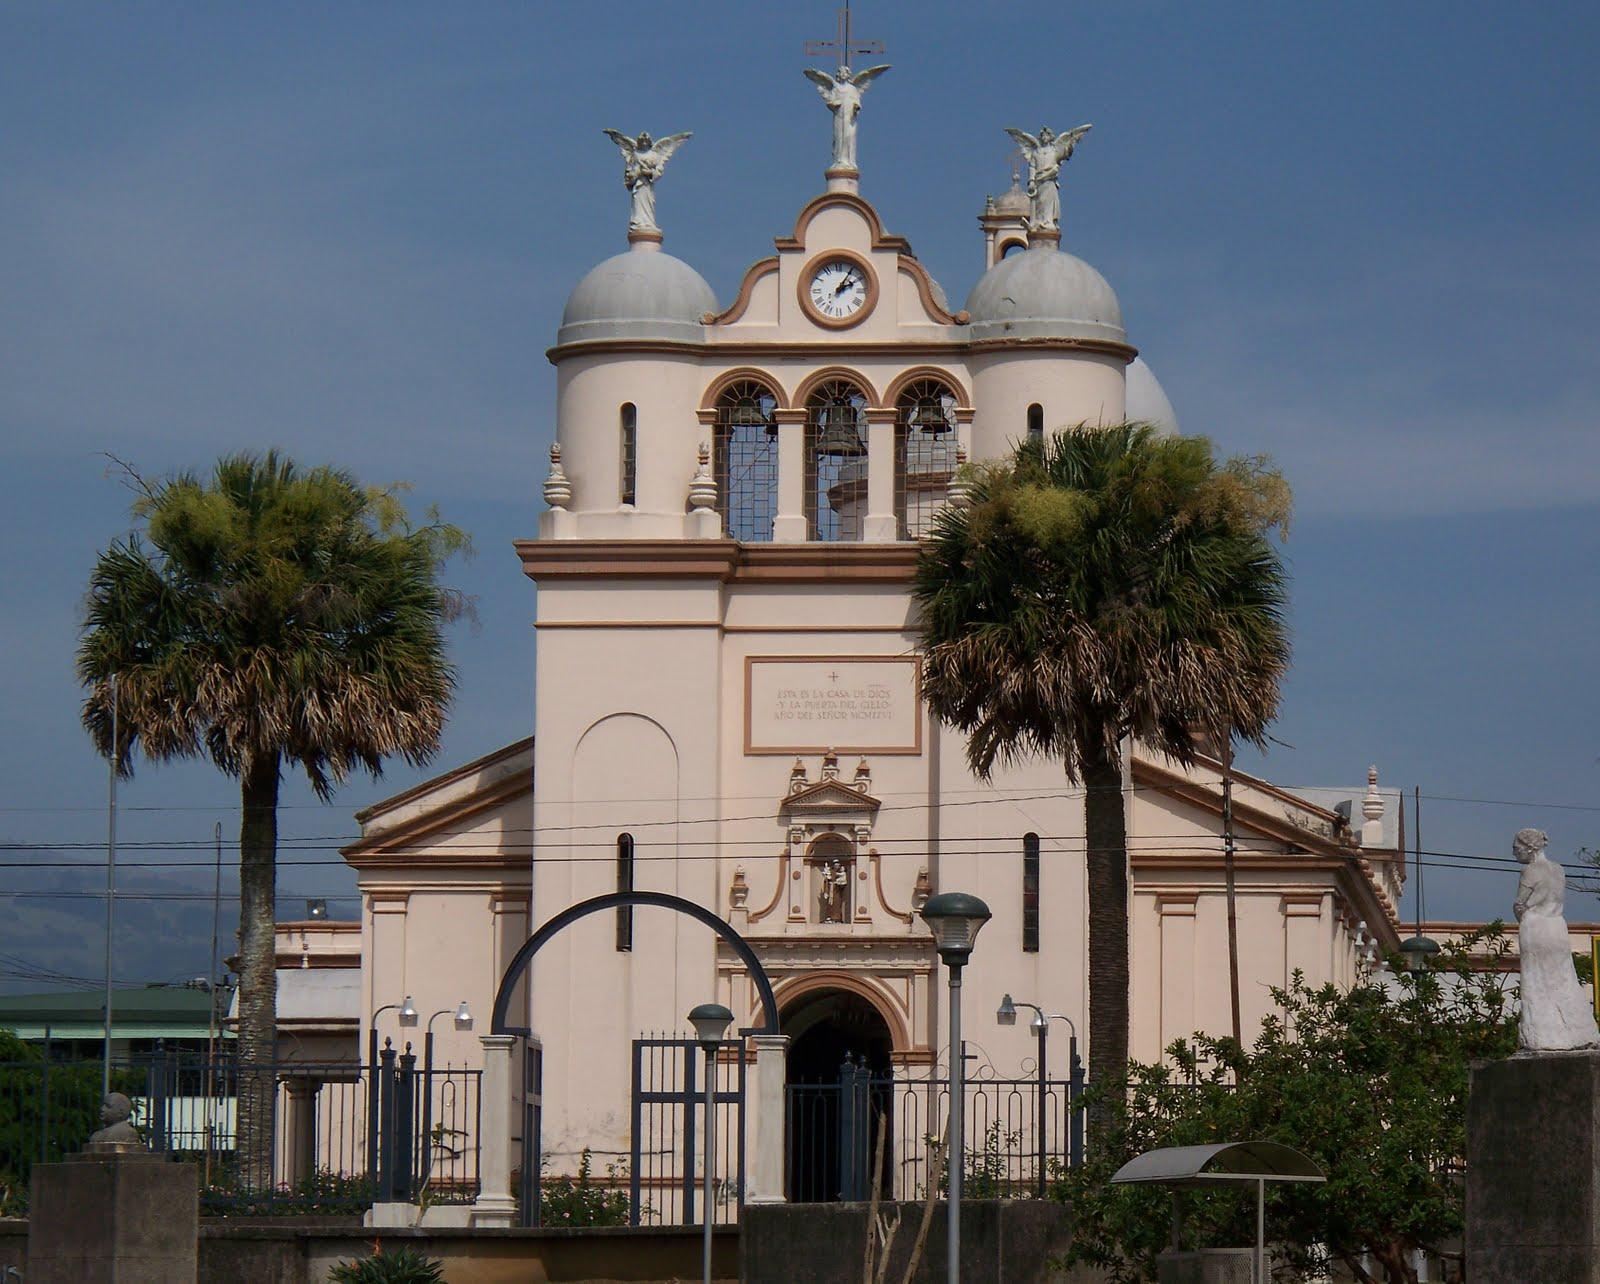 iglesia catolica san leo de houston tx